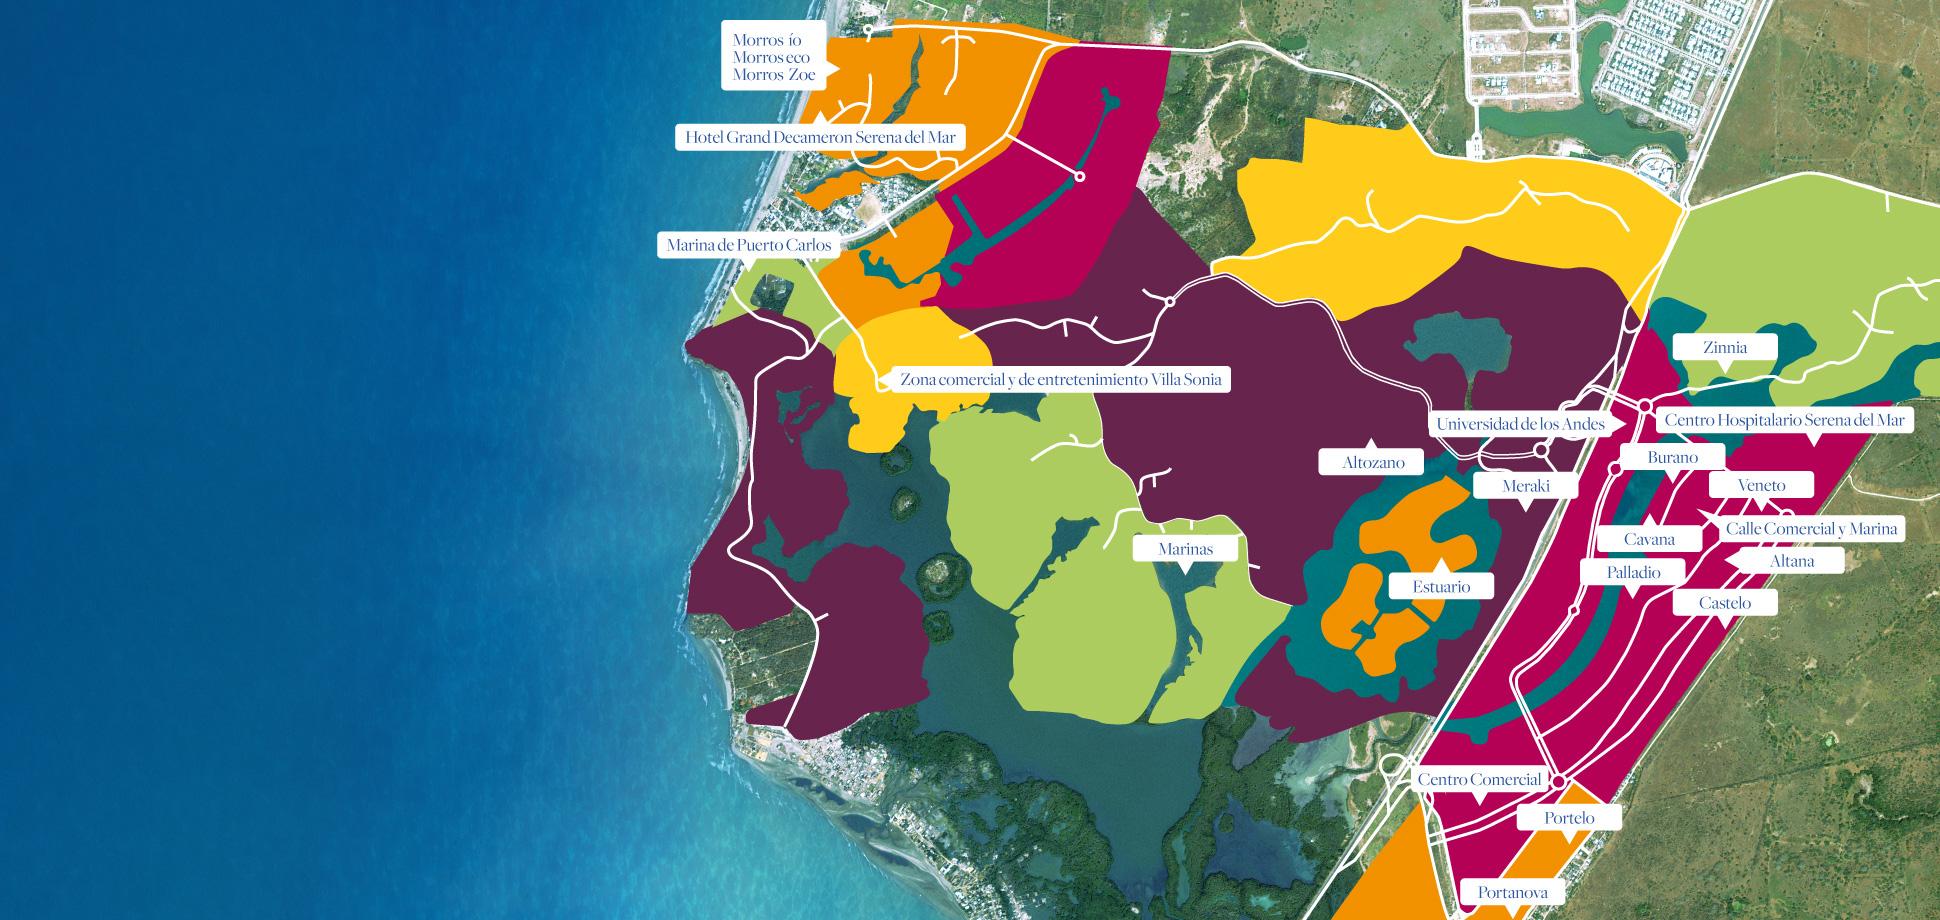 Mapa_Serena_del_Mar_Cartagena